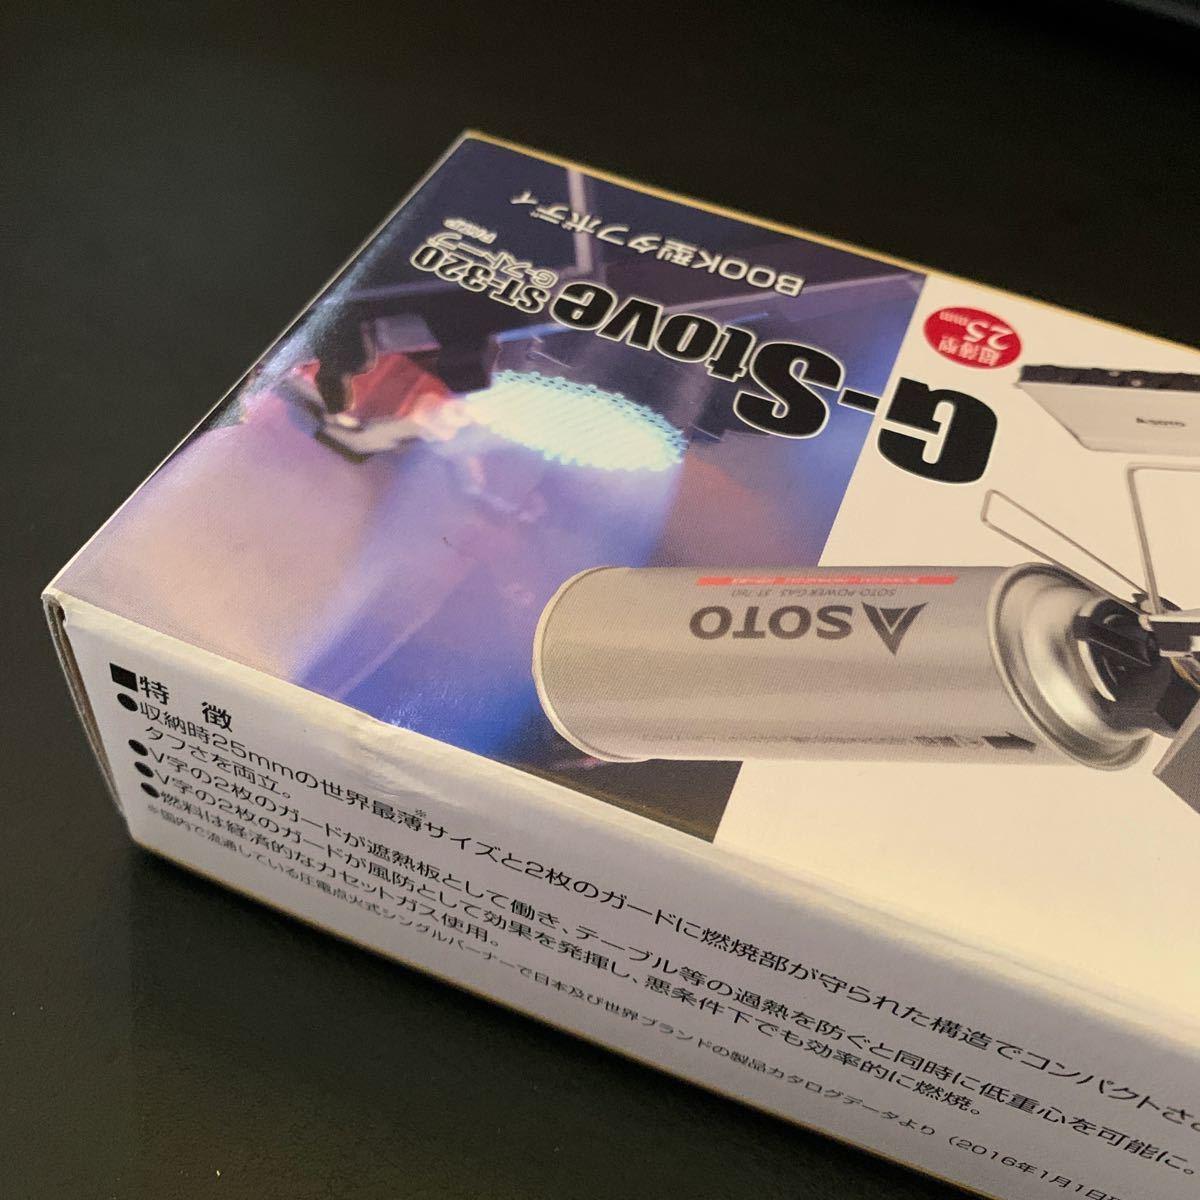 ★新品未開封★ ソト (SOTO) Gストーブ ST-320 シングルバーナー アウトドアコンパクト ガスバーナー ガスストーブ